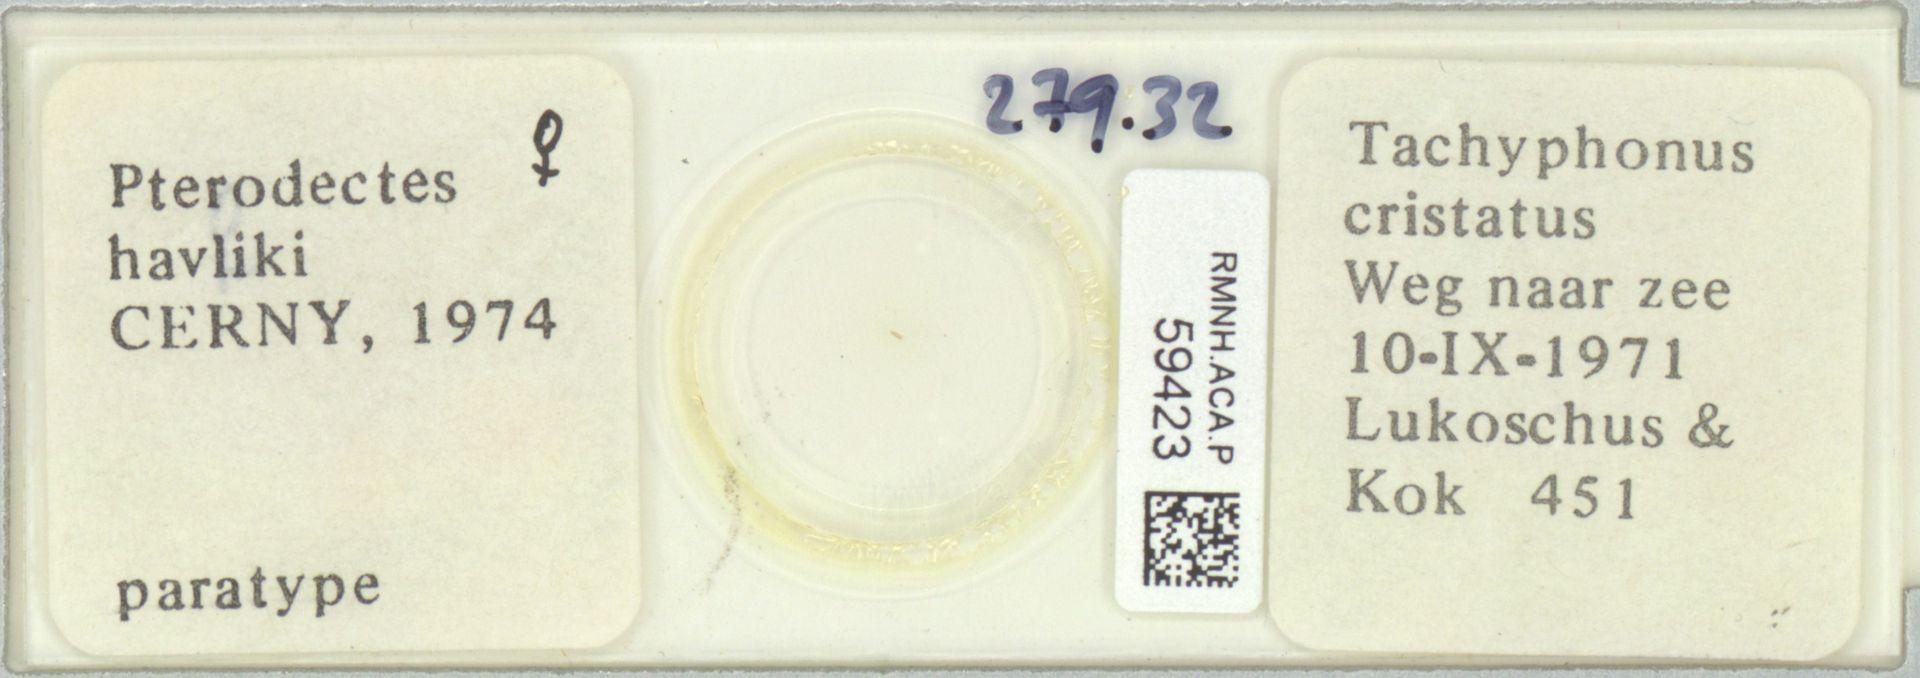 RMNH.ACA.P.59423 | Pterodectes havliki Cerny, 1974